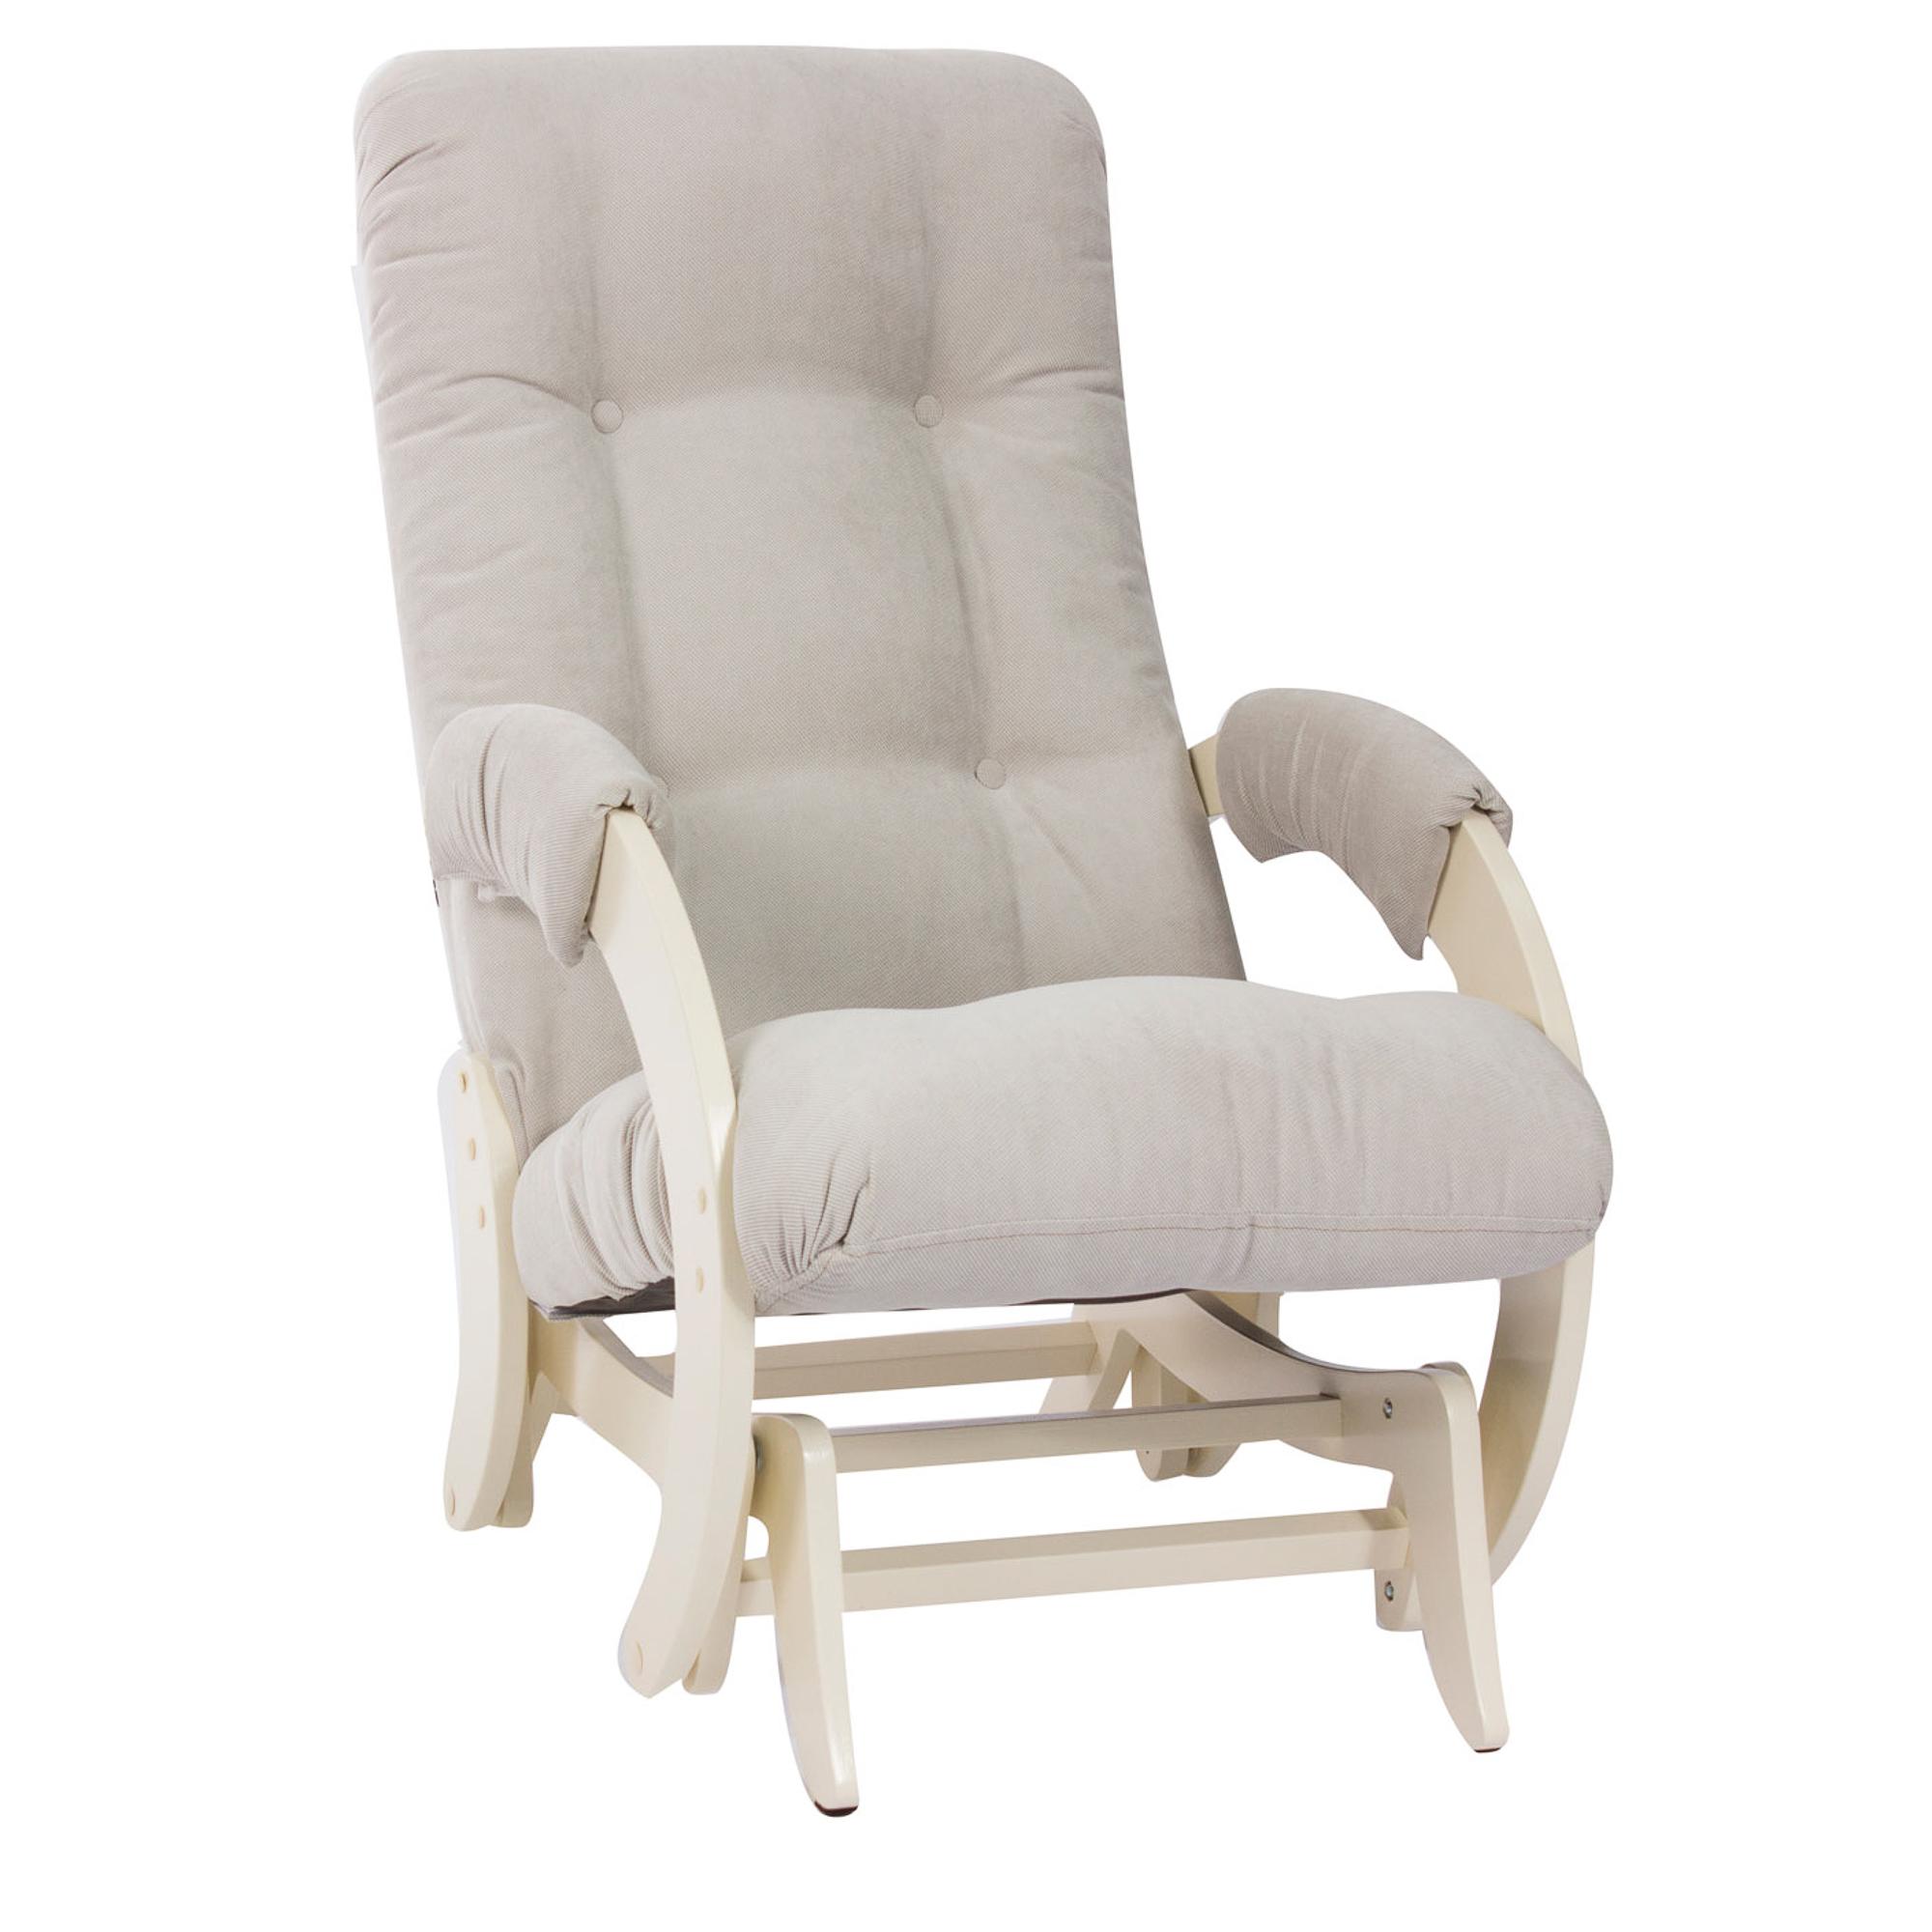 Кресло-гляйдер Vanil Комфорт-Мебель (13.068)